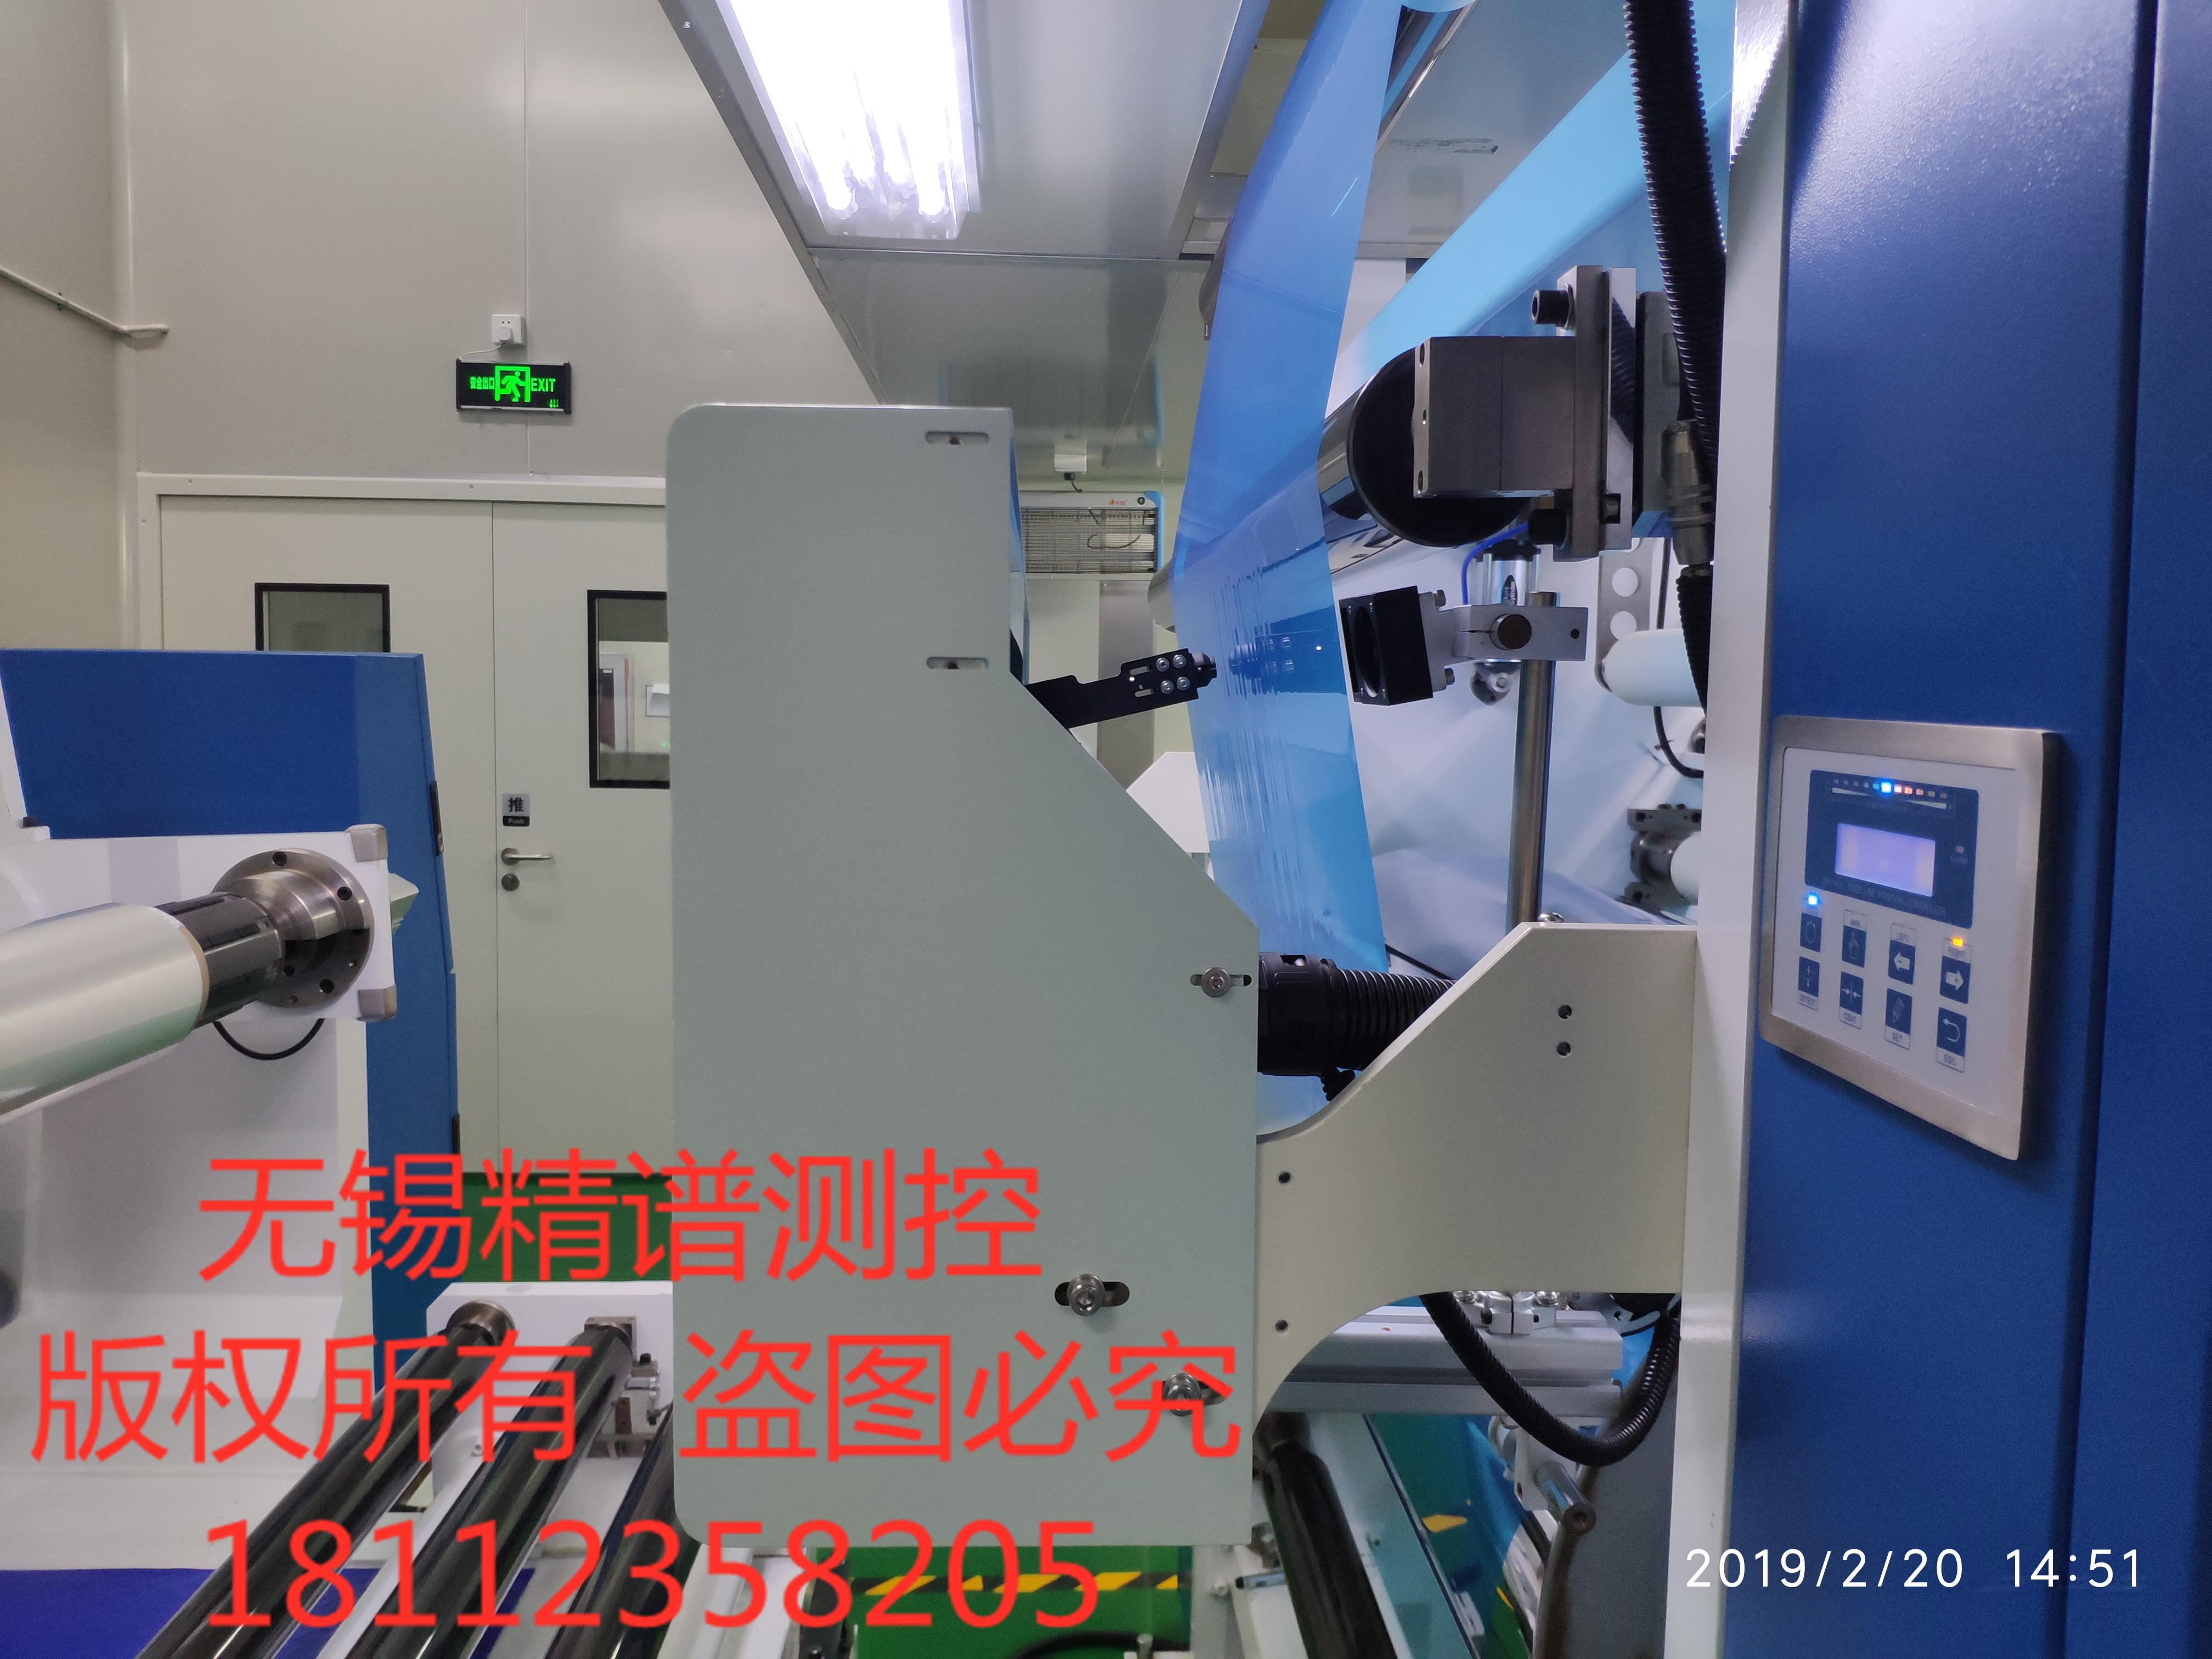 鋰電隔膜表面瑕疵檢測設備的功能介紹